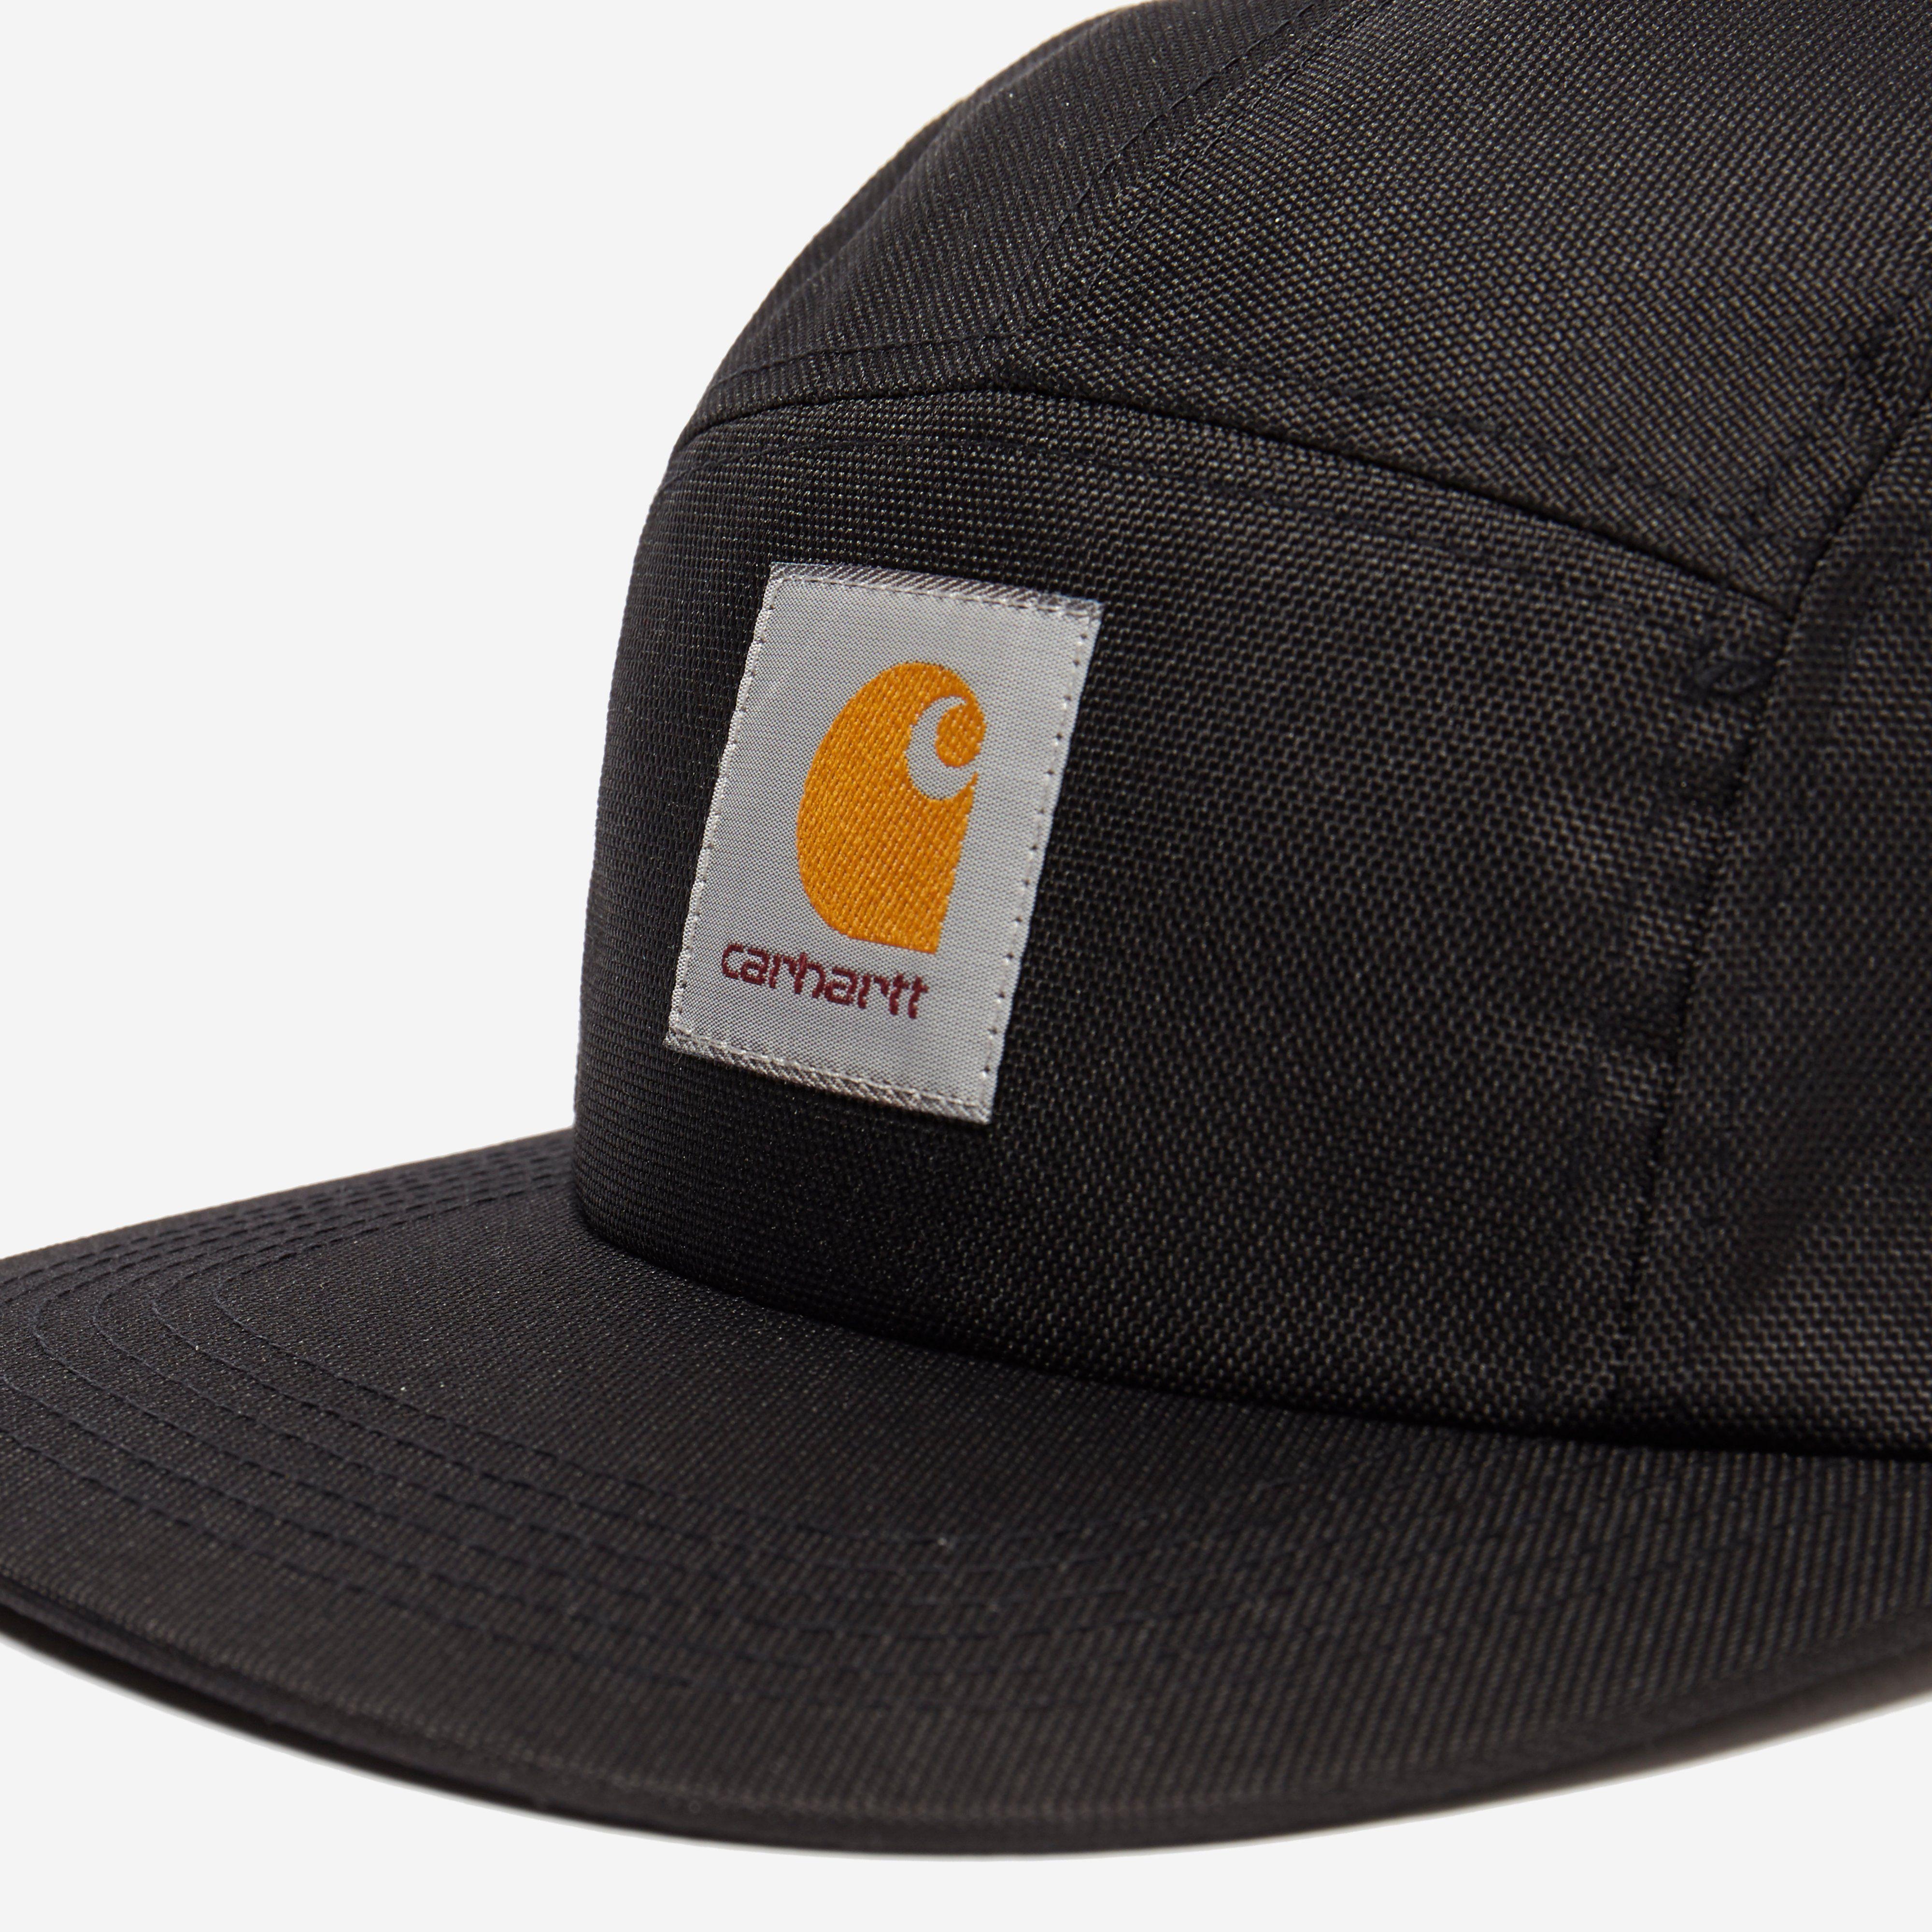 Carhartt Watch Cap